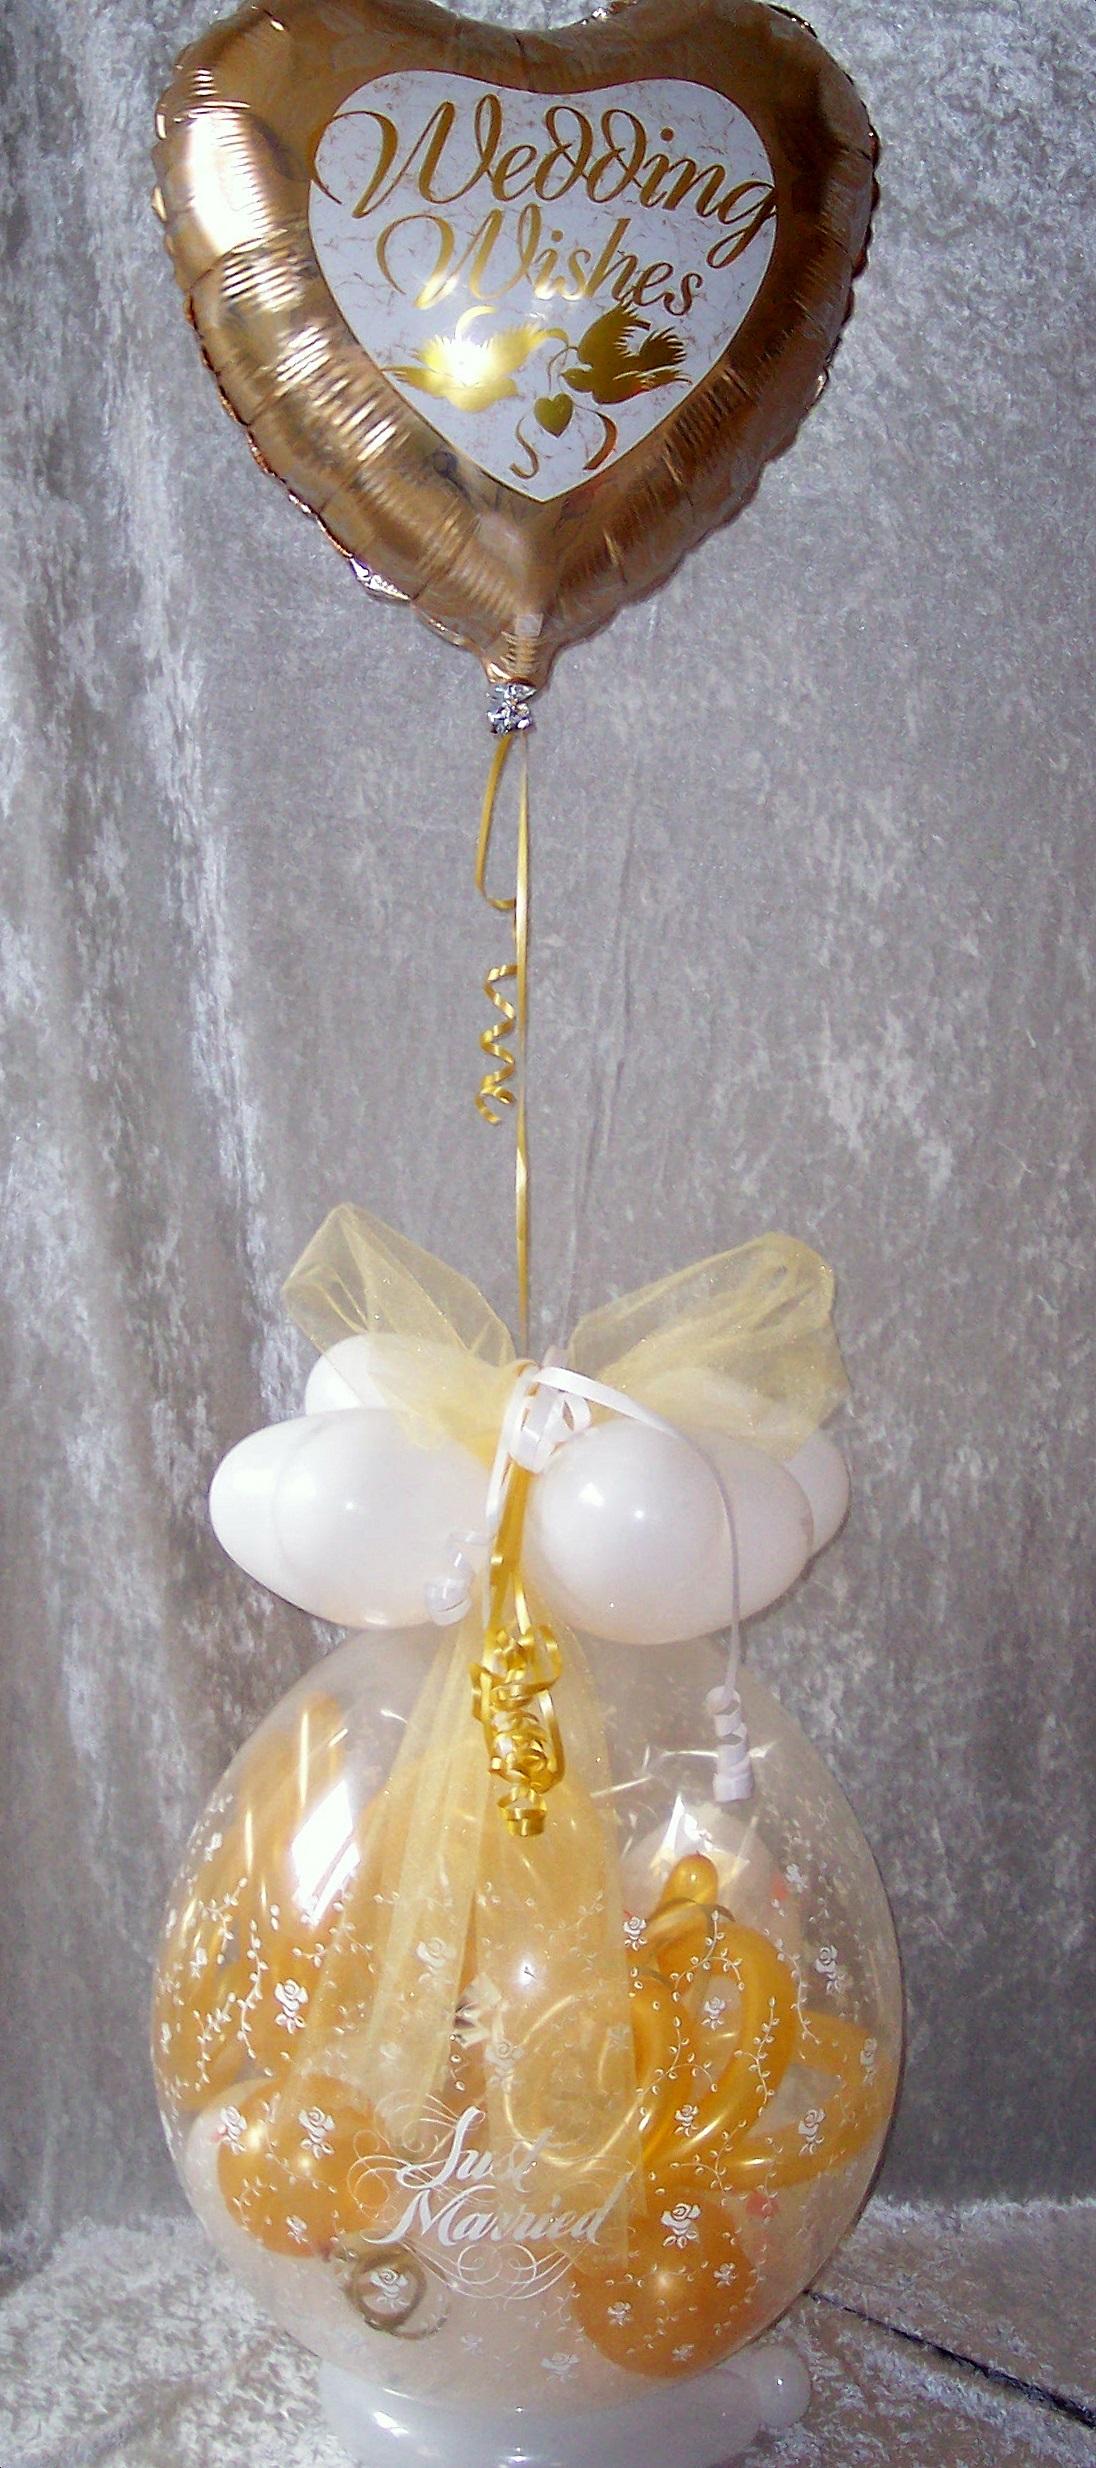 geschenk im ballon hochzeit mit folie gold geschenkverpackung. Black Bedroom Furniture Sets. Home Design Ideas